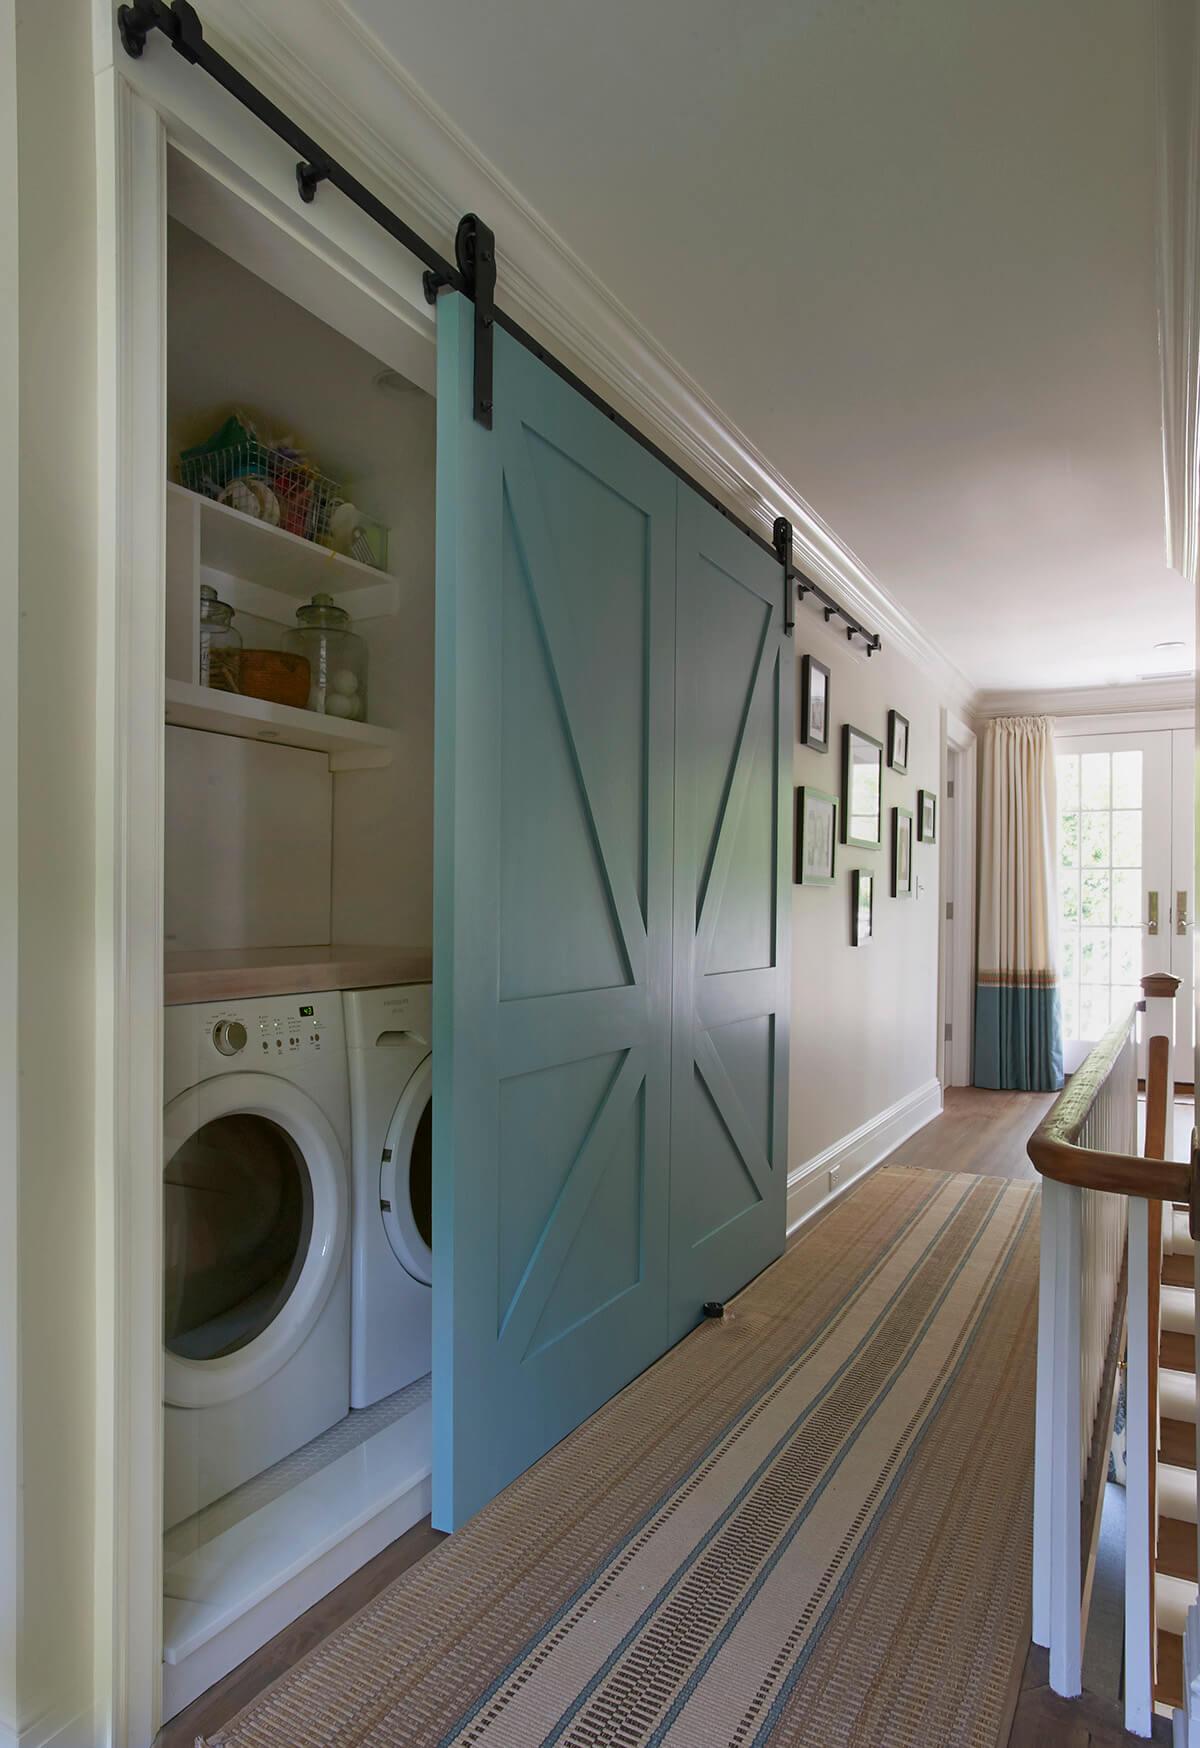 lavanderia decor 5